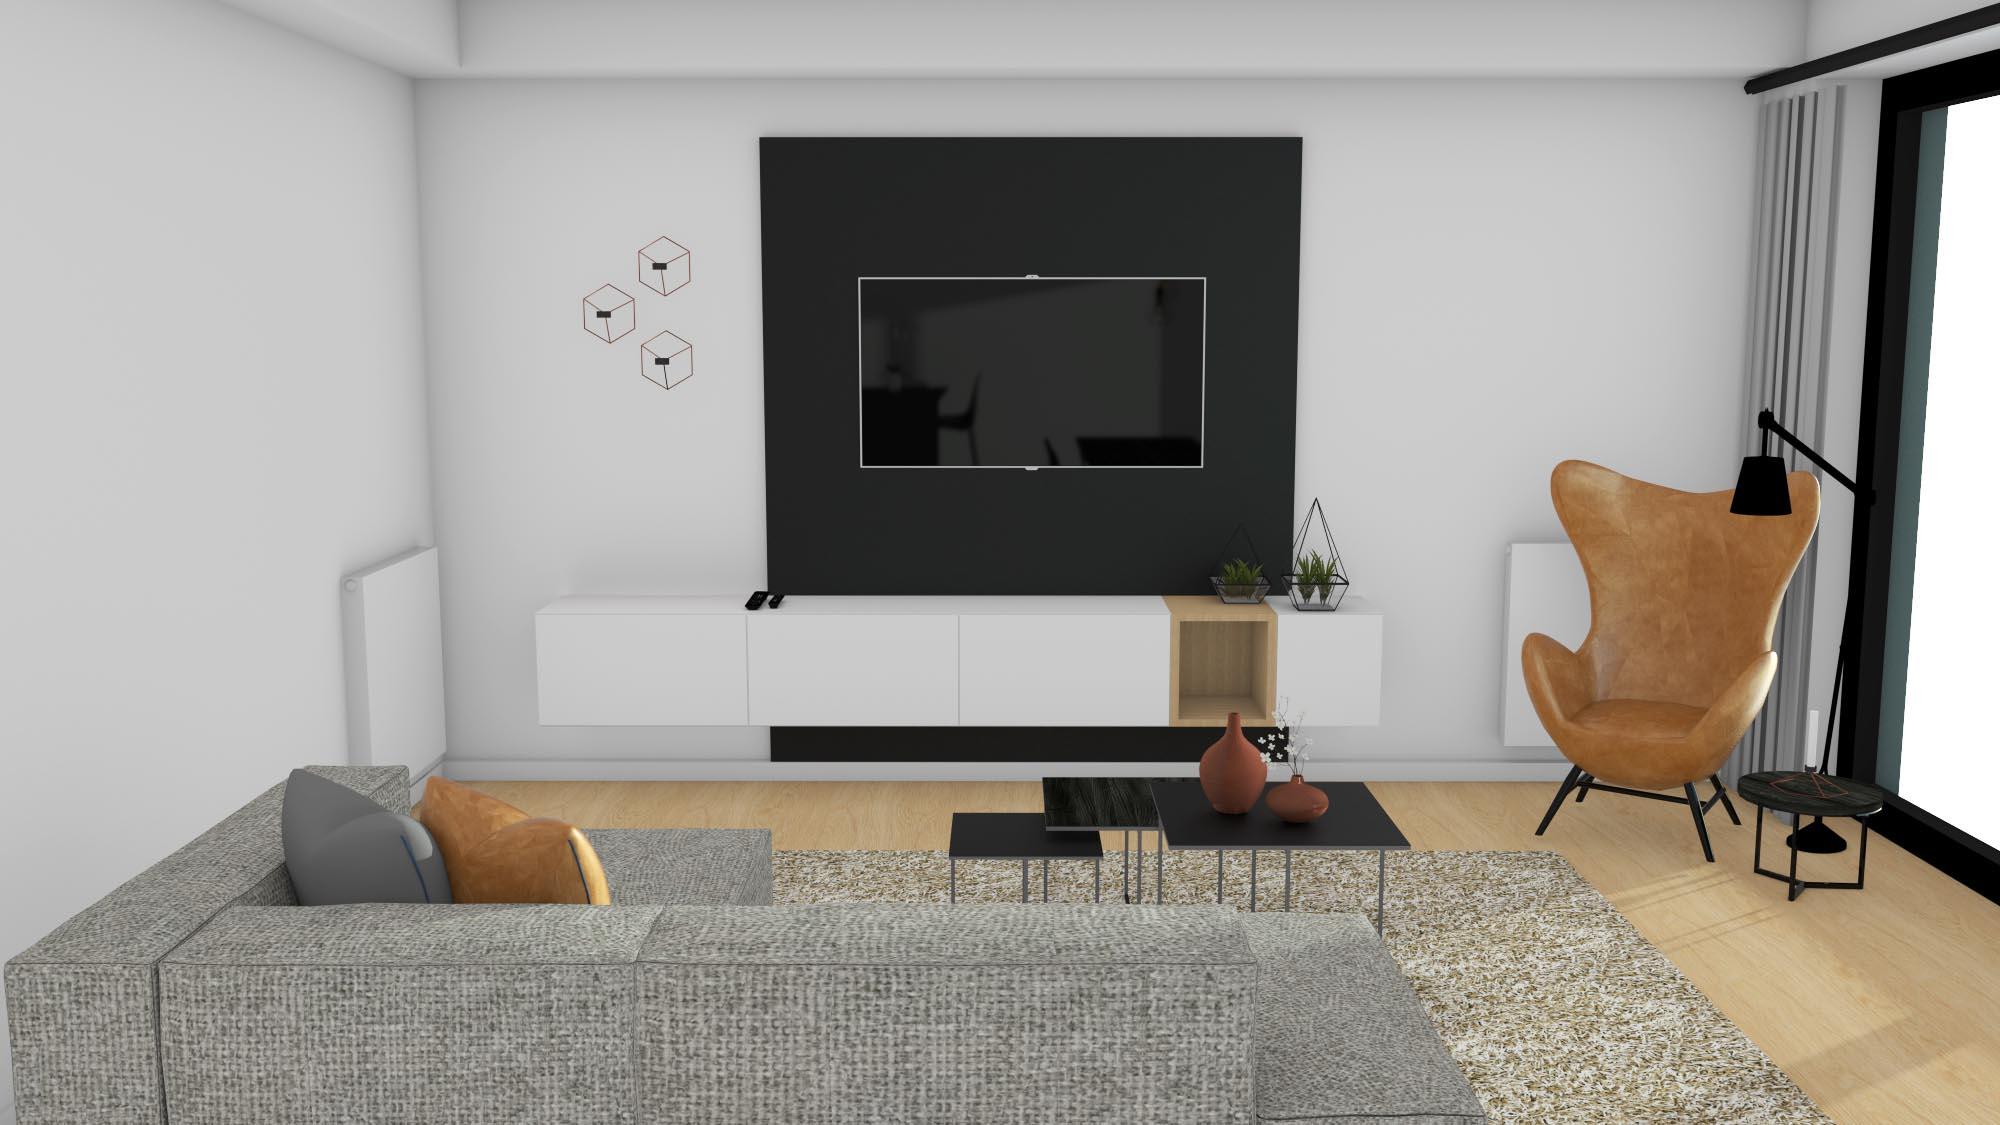 Evolution-interieurwinkel-hasselt-totaalinrichtingen-familie-V-3D-visualisatie-living